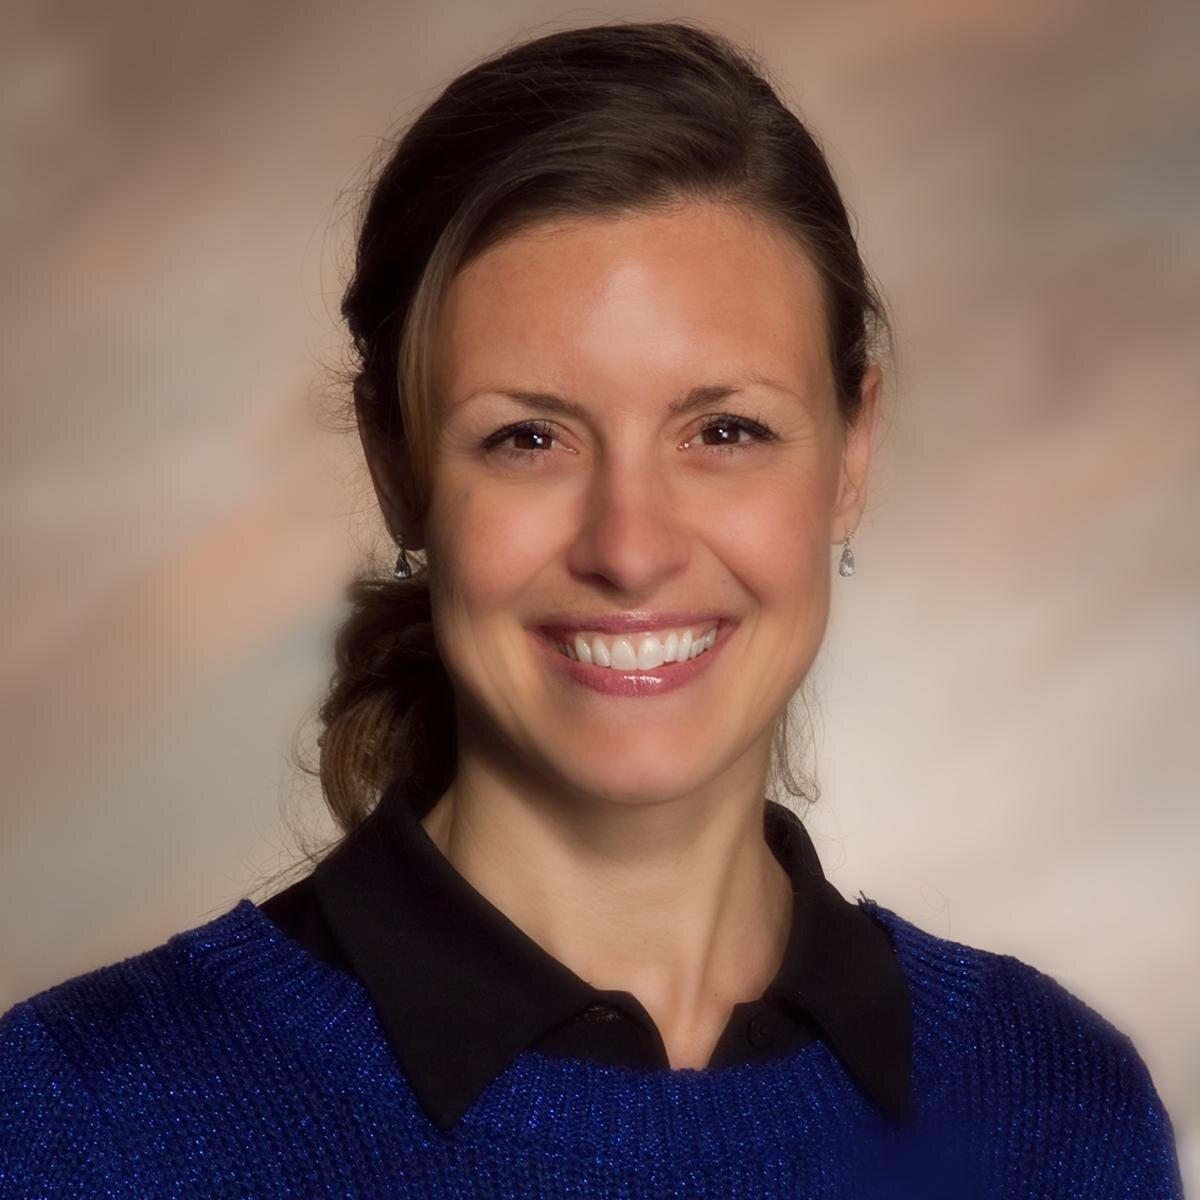 Angela lindstrom aclindstr twitter for Lindstrom